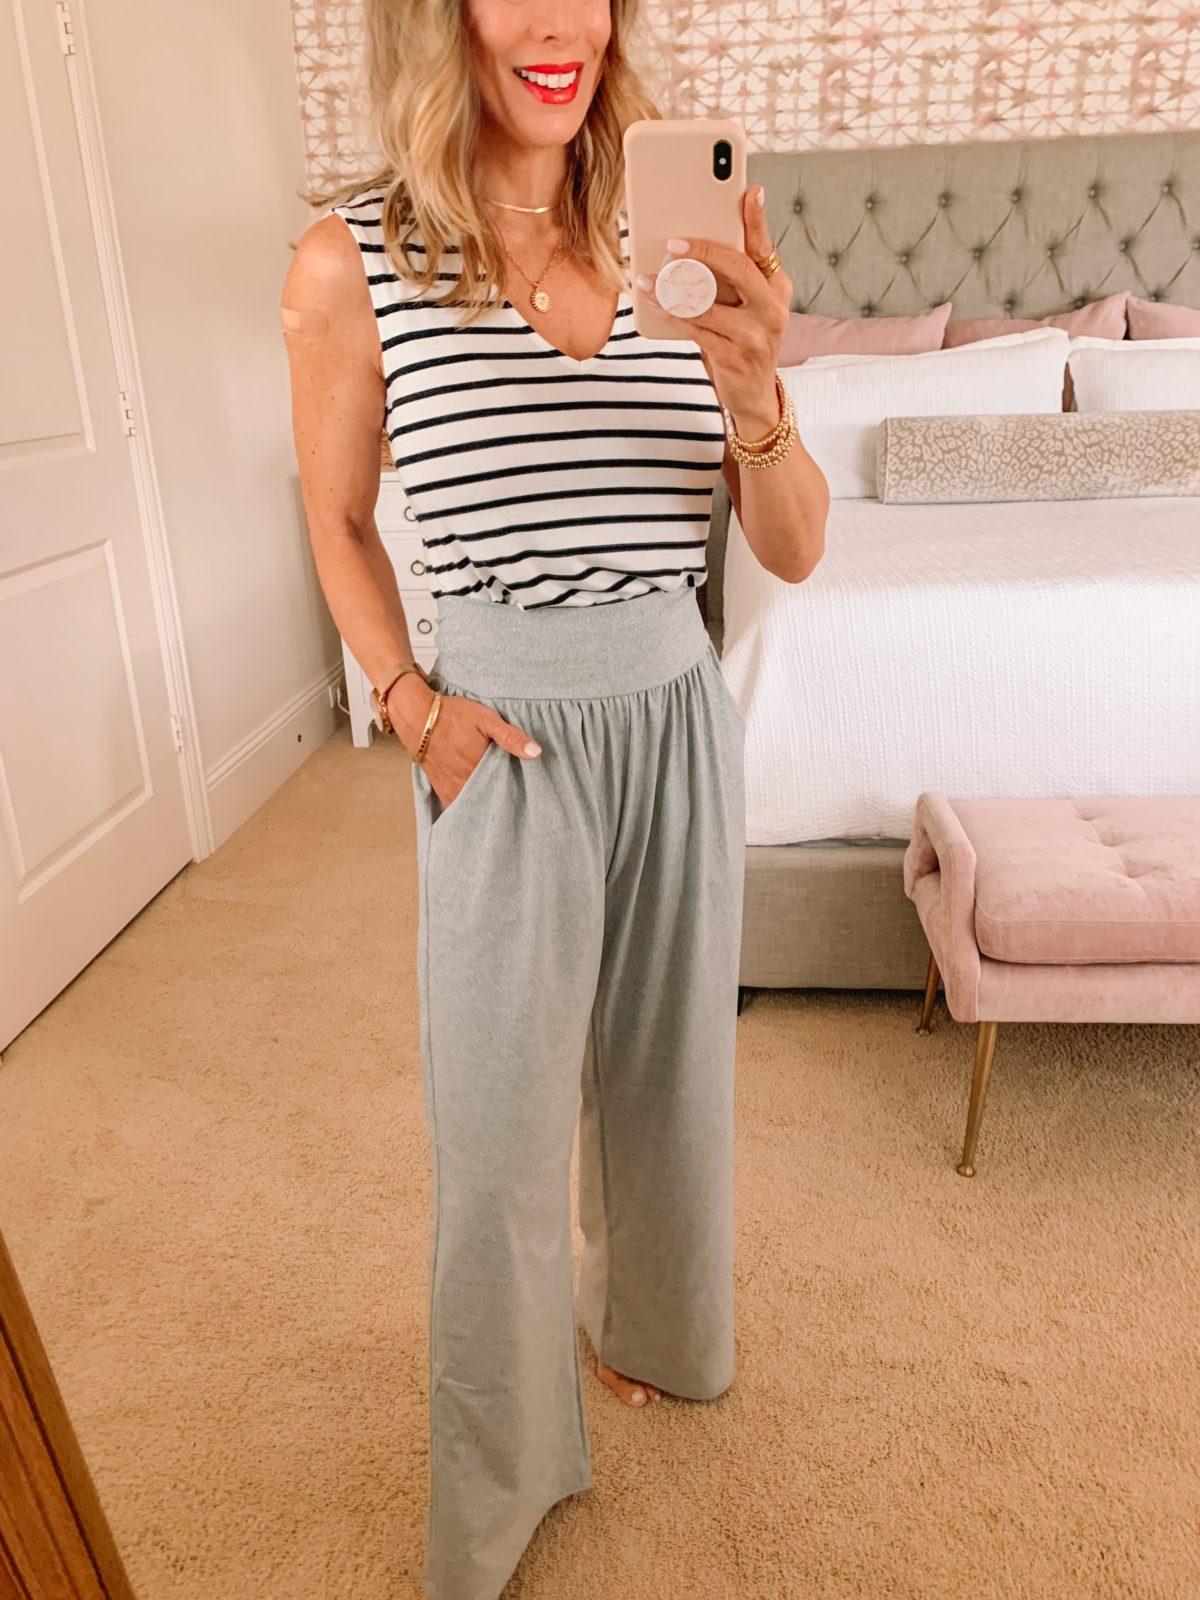 Amazon Fashion Faves, Stripe Tank, Wide Leg Pants